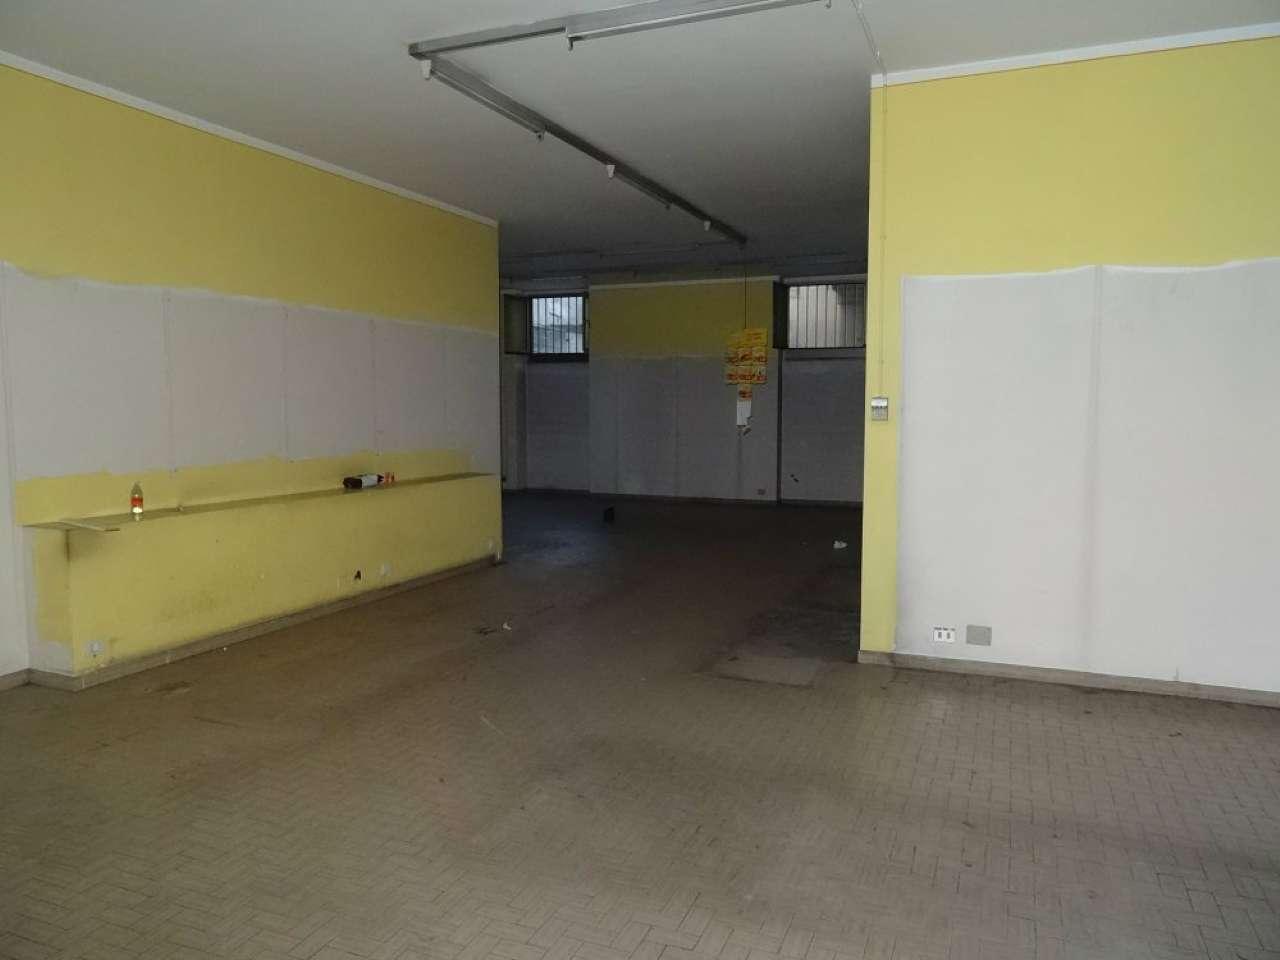 Negozio / Locale in affitto a Mondovì, 3 locali, Trattative riservate | CambioCasa.it